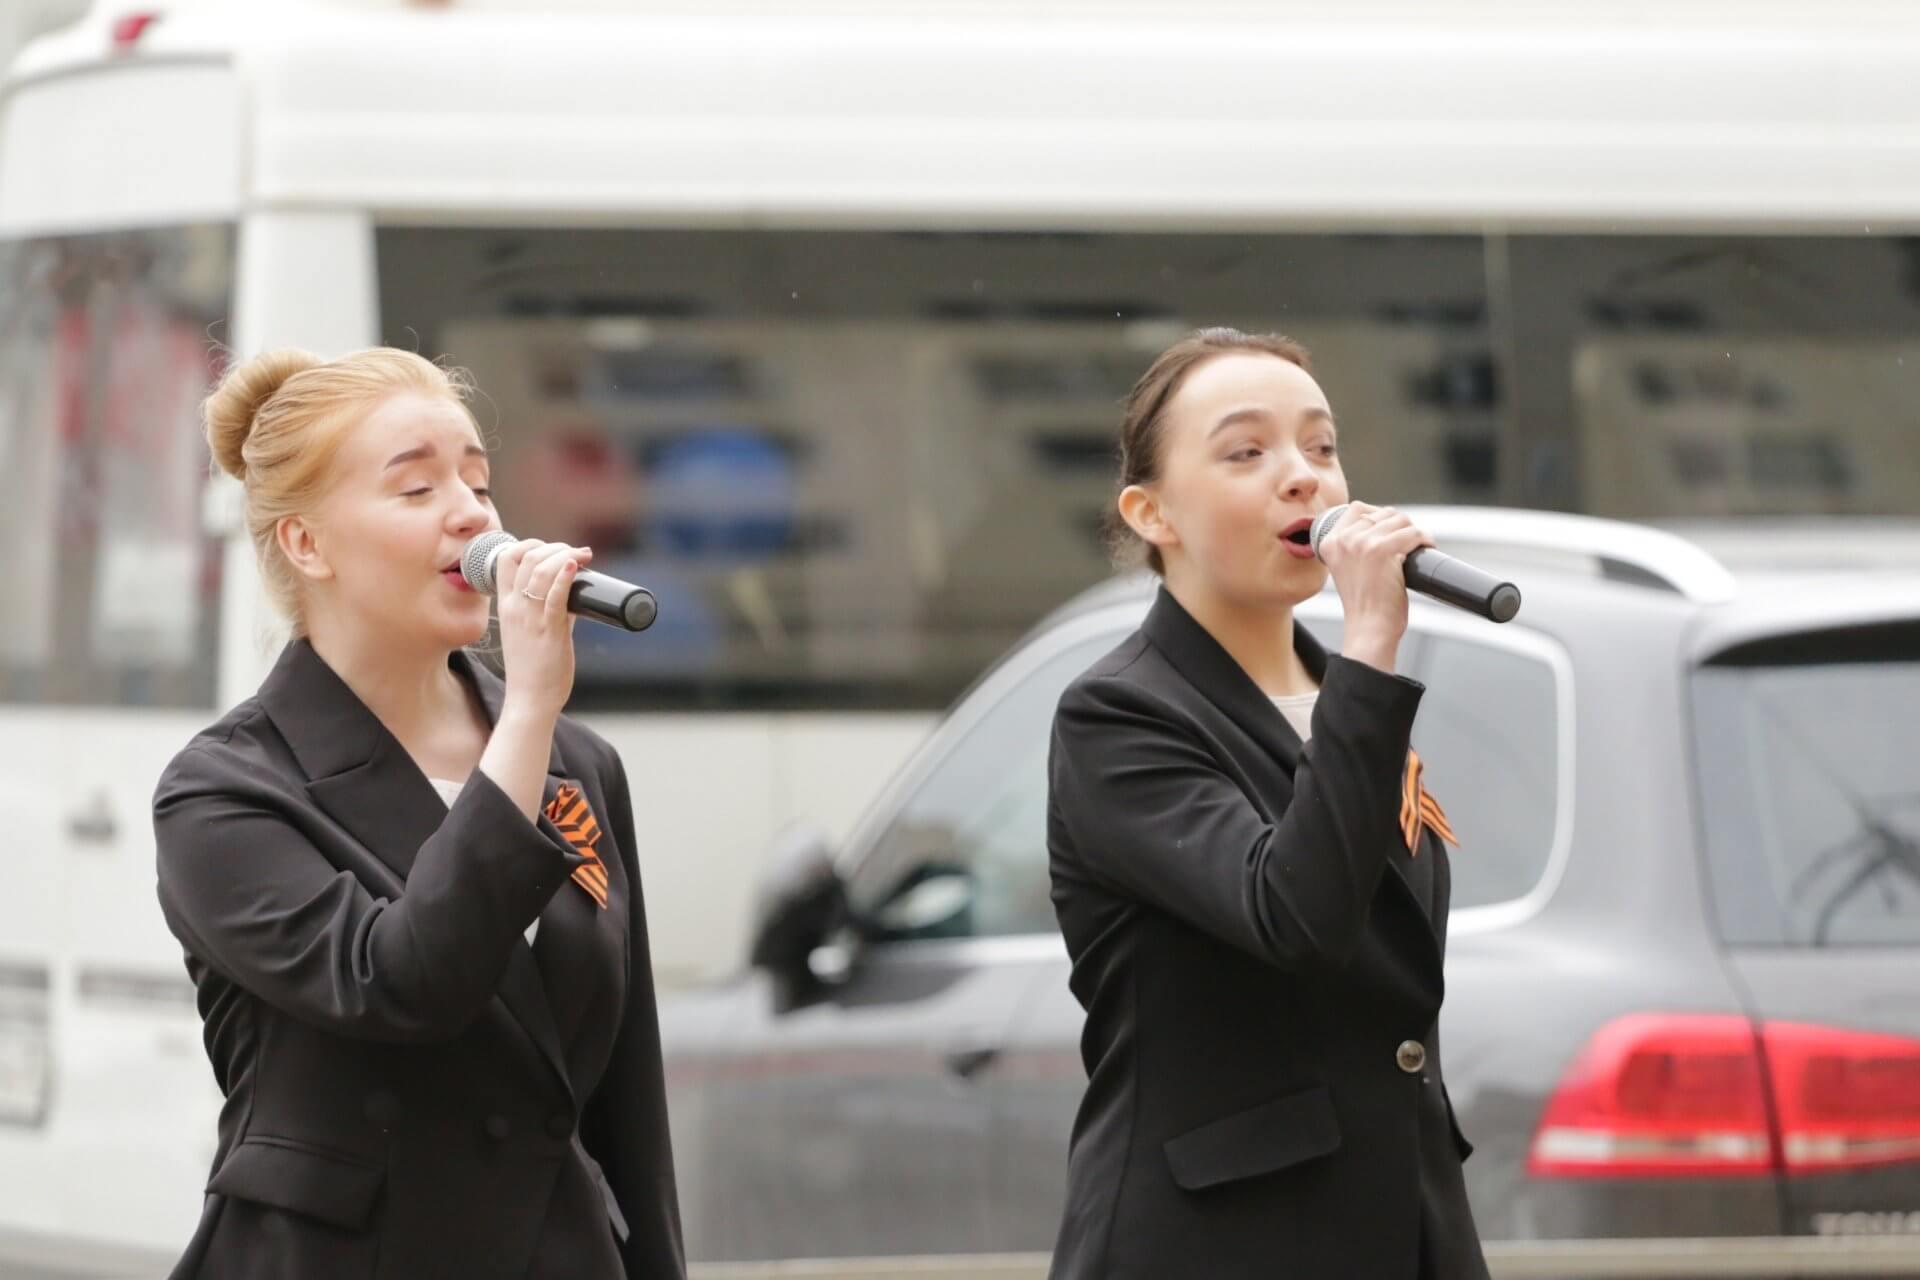 Концерт, посвященный Дню Победы, на Преминина 10Б в Вологде